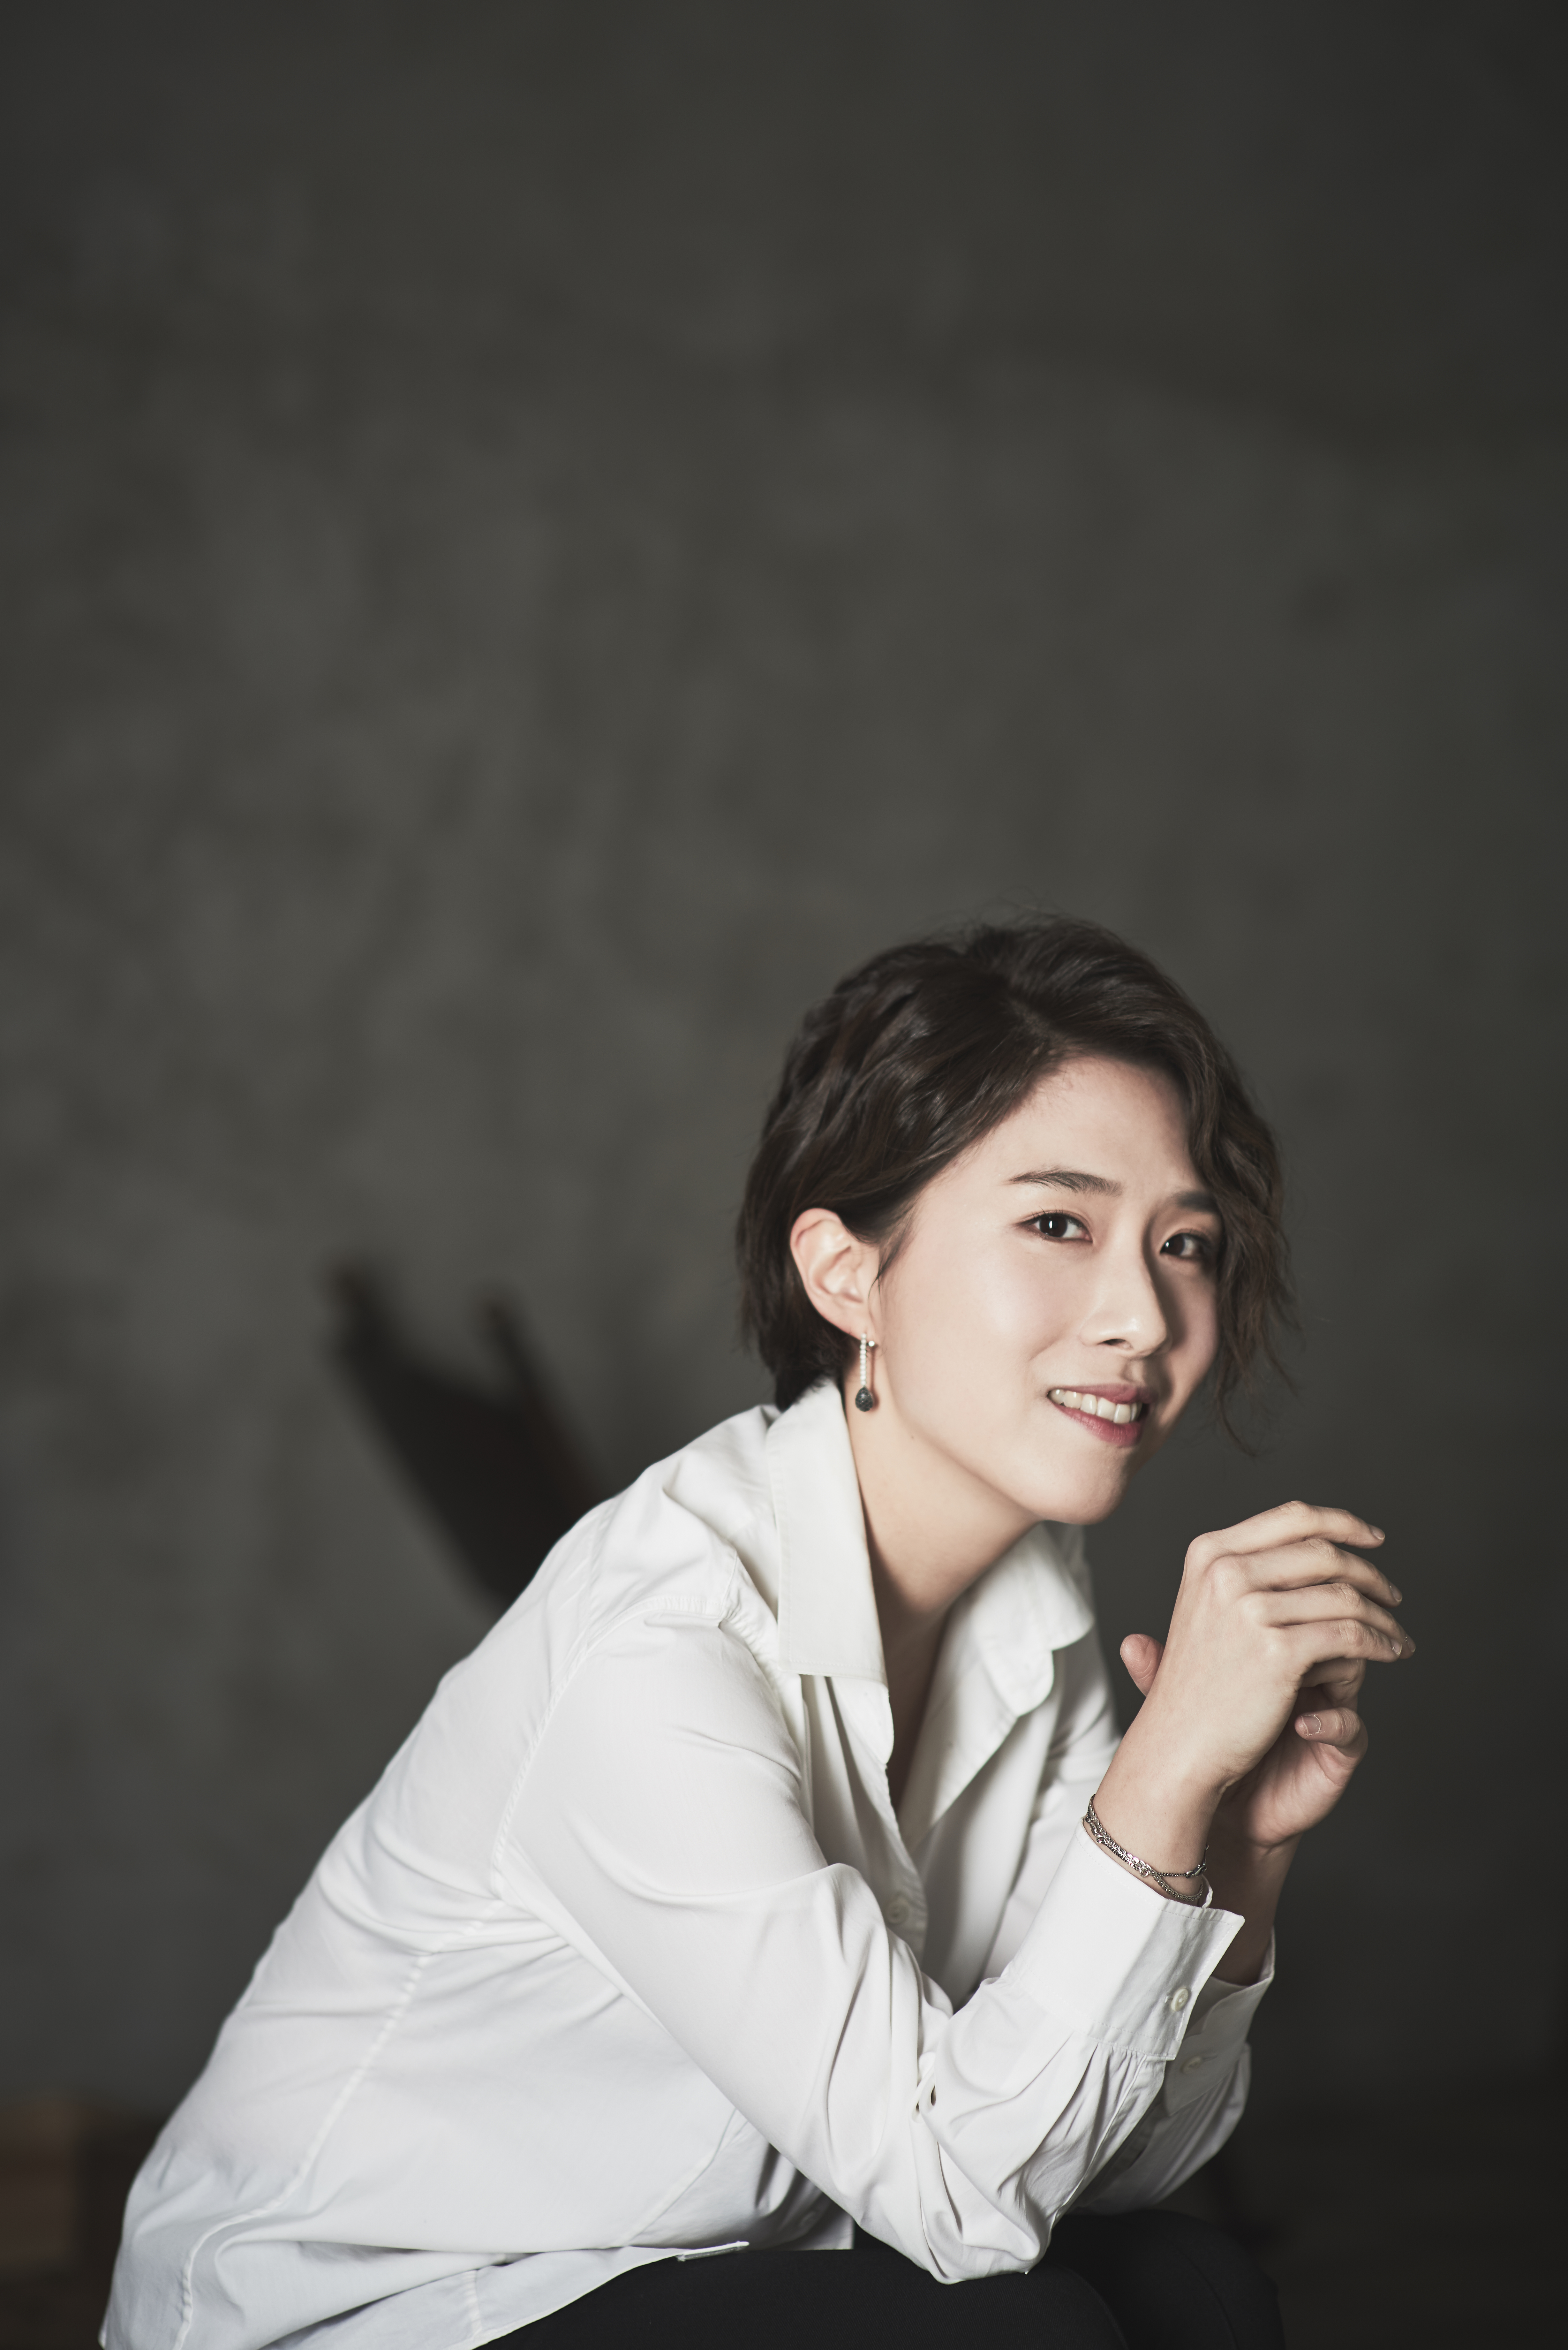 김규연_(c)Kyutai Shim